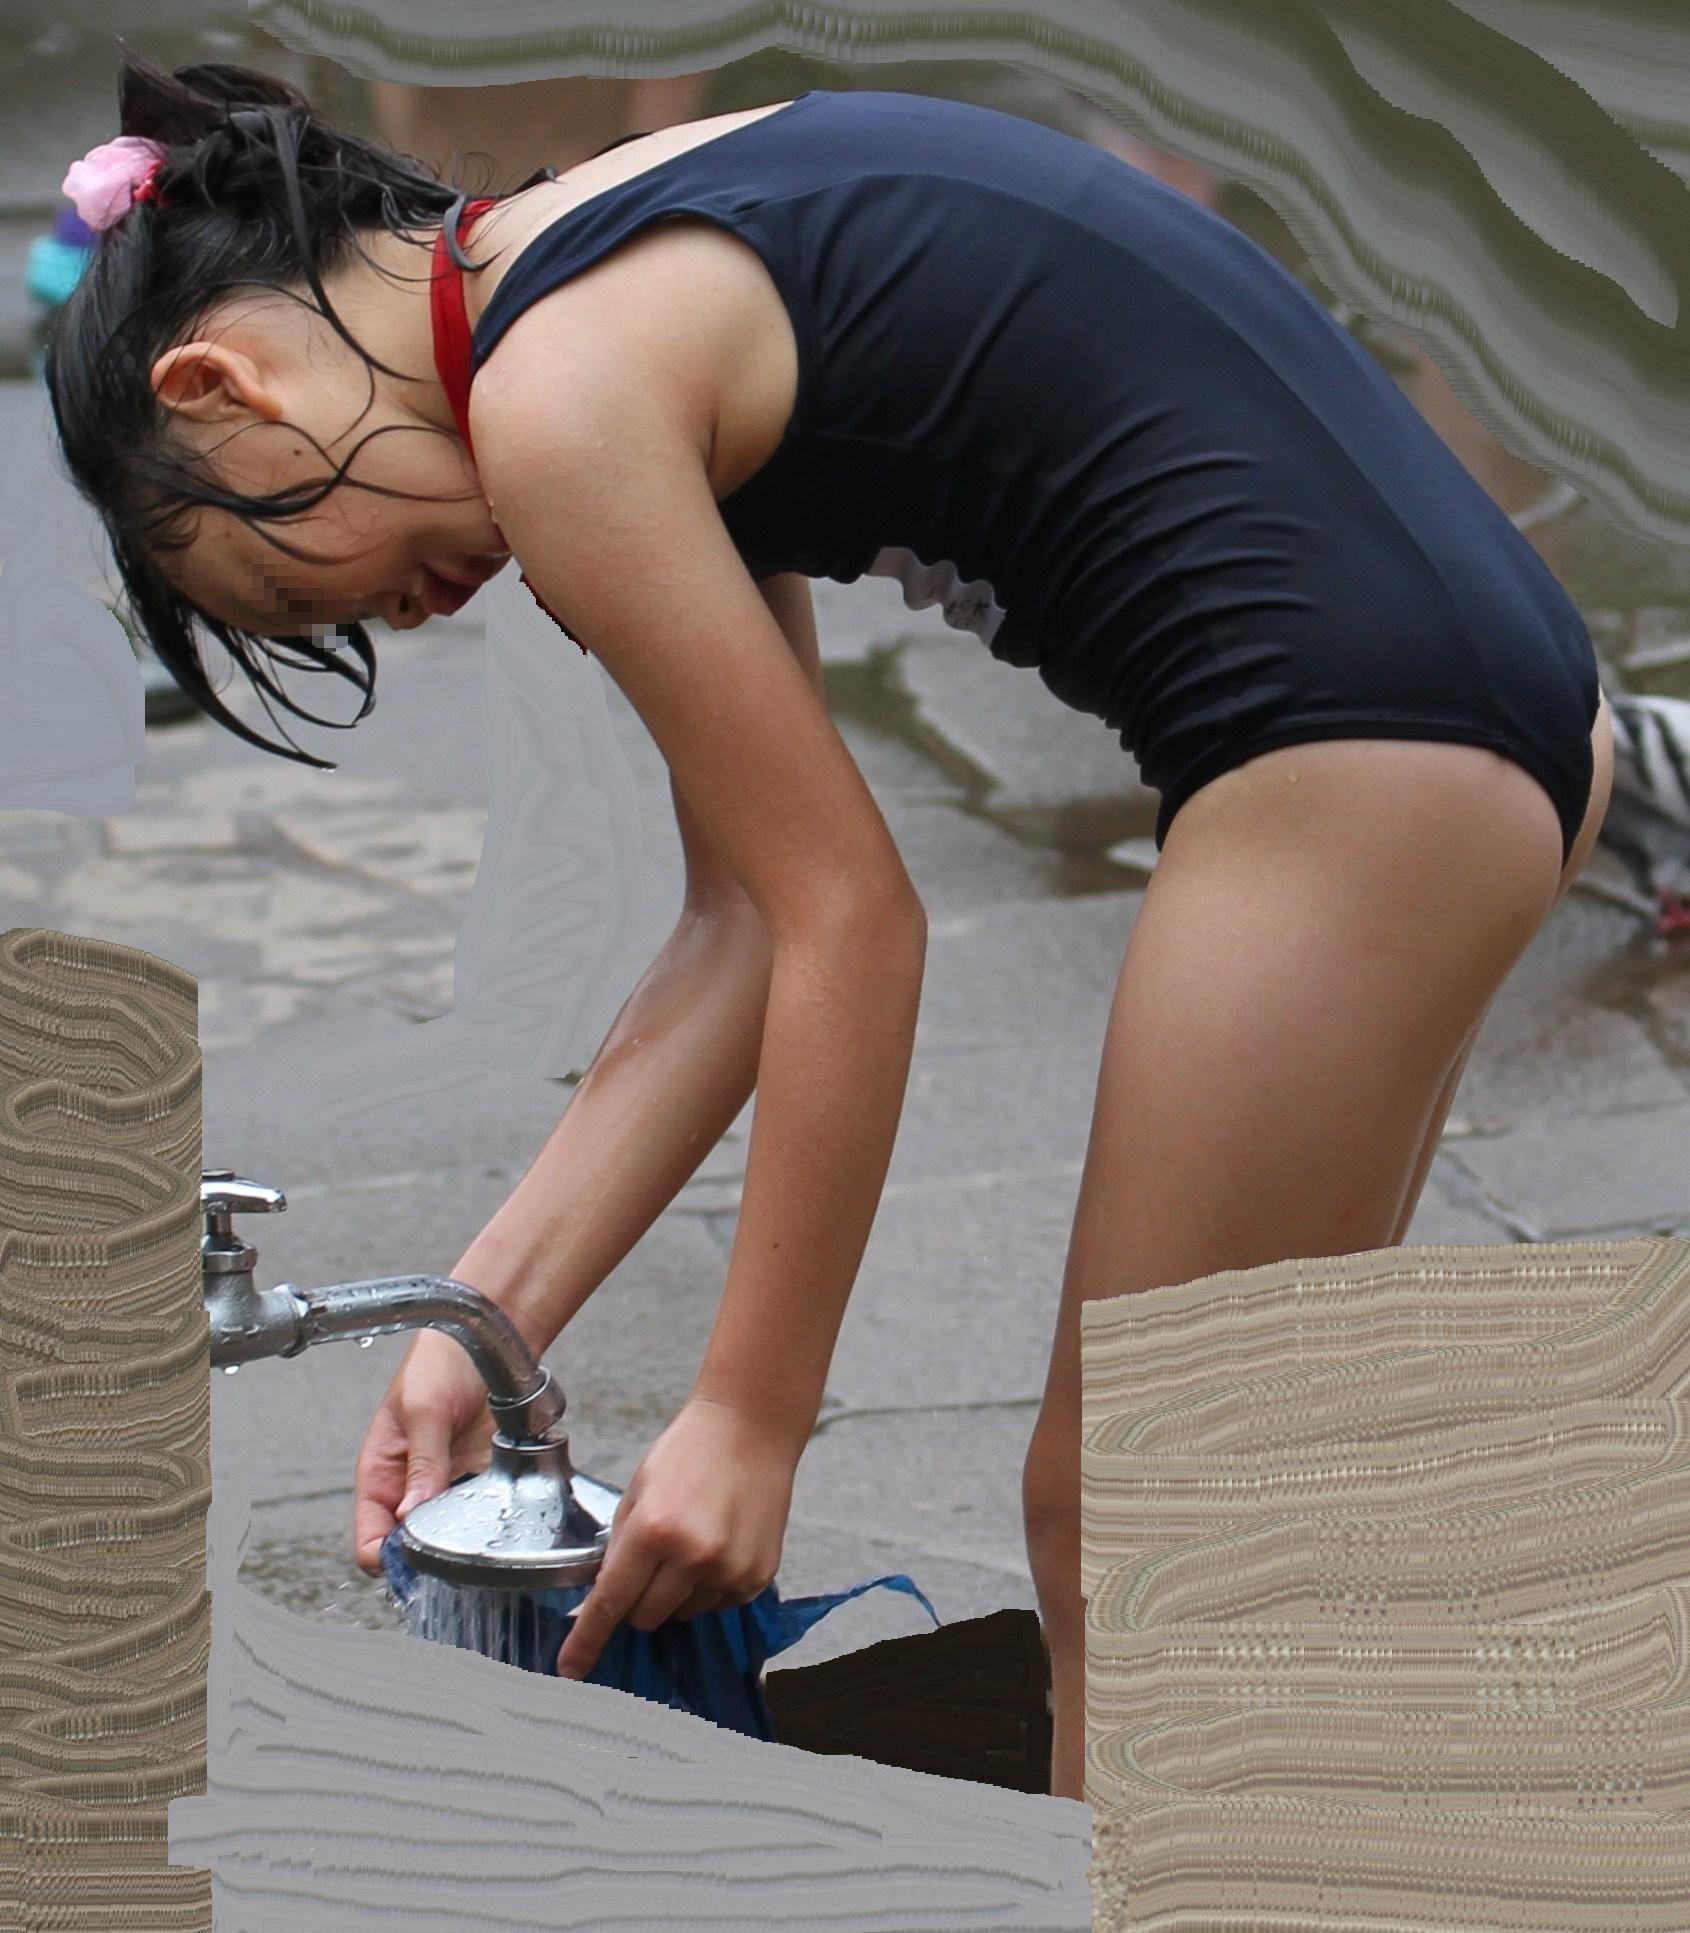 【小中学生】♪美少女らいすっき♪ 412 【天てれ・子役・素人・ボゴOK】 [無断転載禁止]©2ch.netYouTube動画>59本 dailymotion>1本 ->画像>2331枚